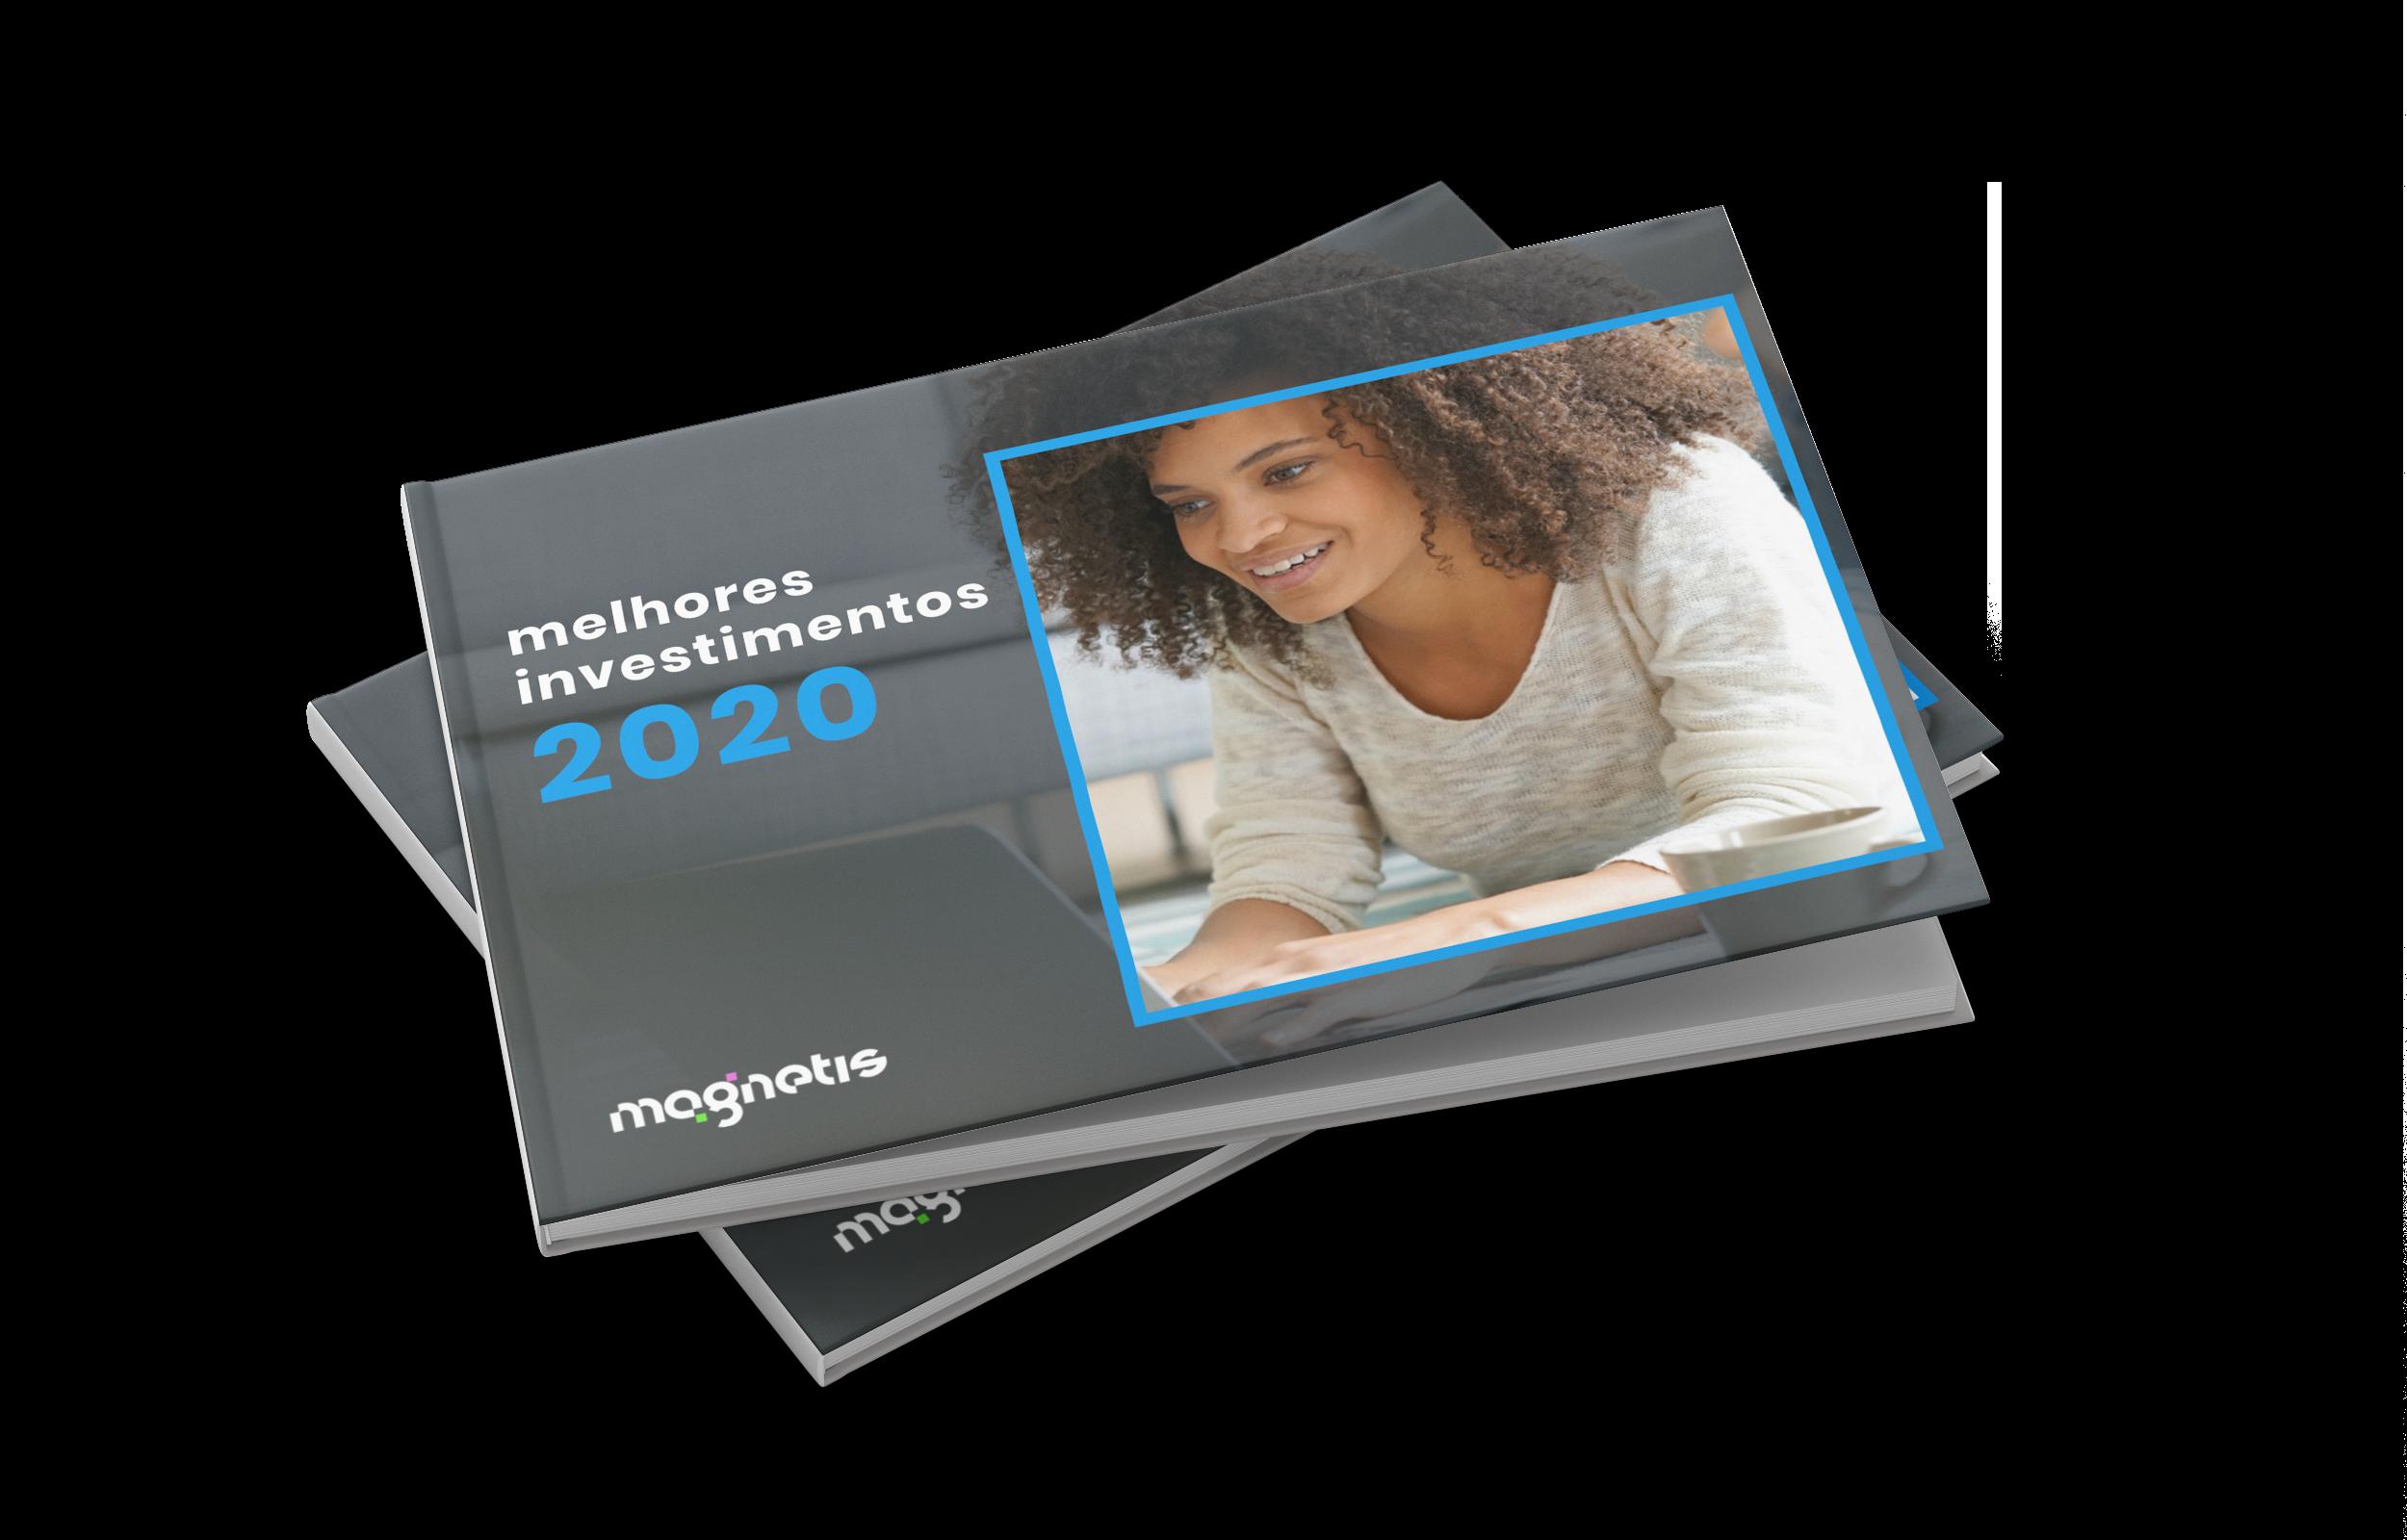 Melhores Investimentos 2020: baixe grátis um guia completo!